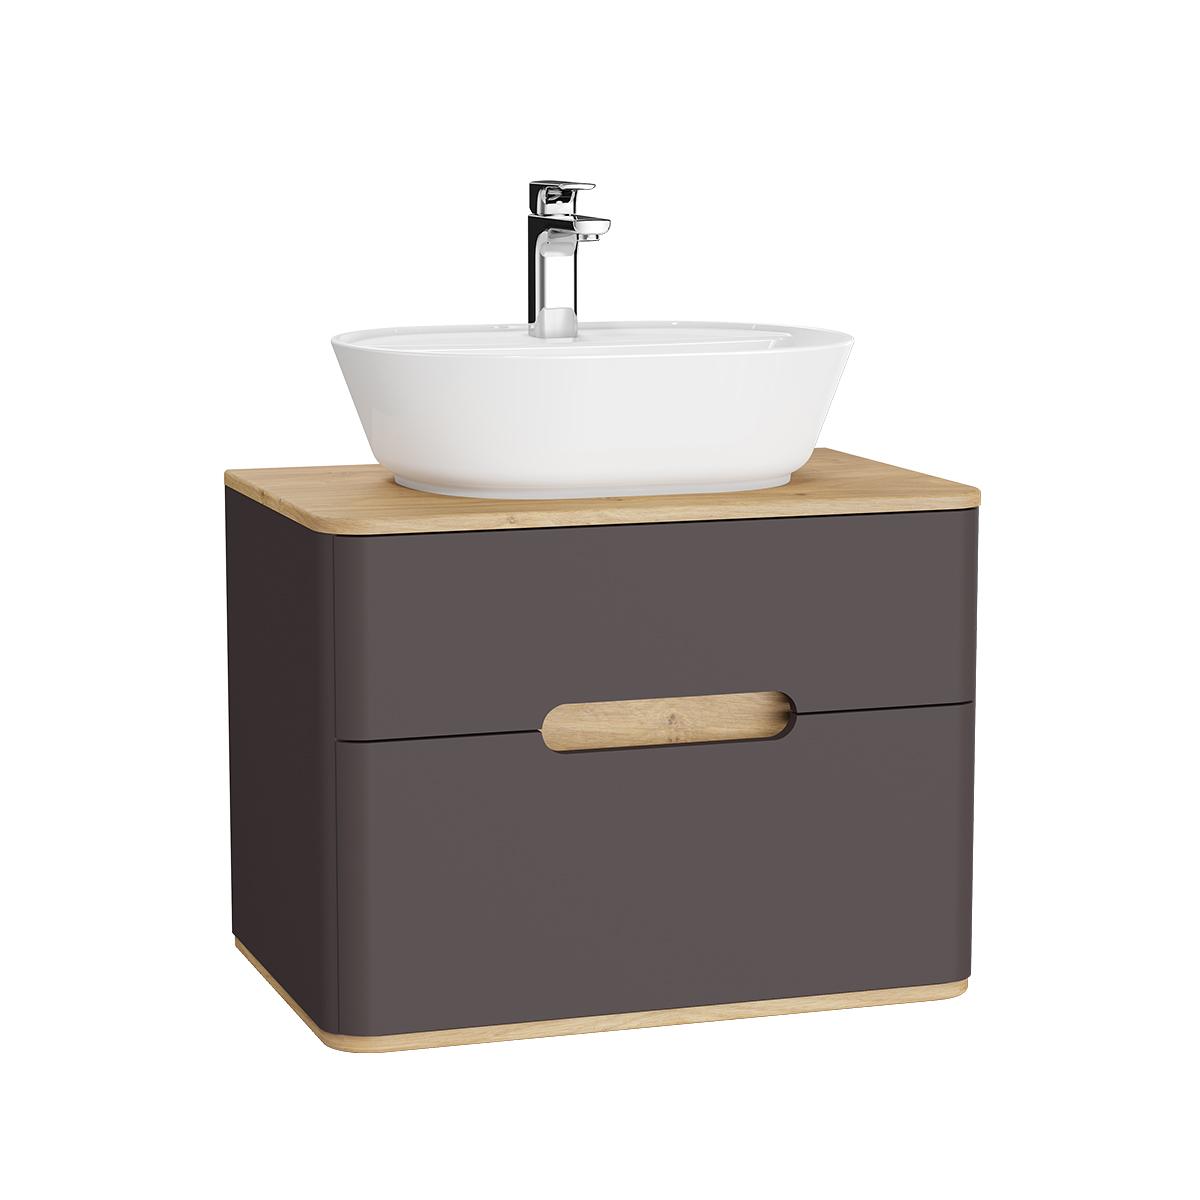 Sento Waschtischunterschrank, 70 cm, für Aufsatzwaschtische, mit 2 Vollauszügen, Anthrazit Matt